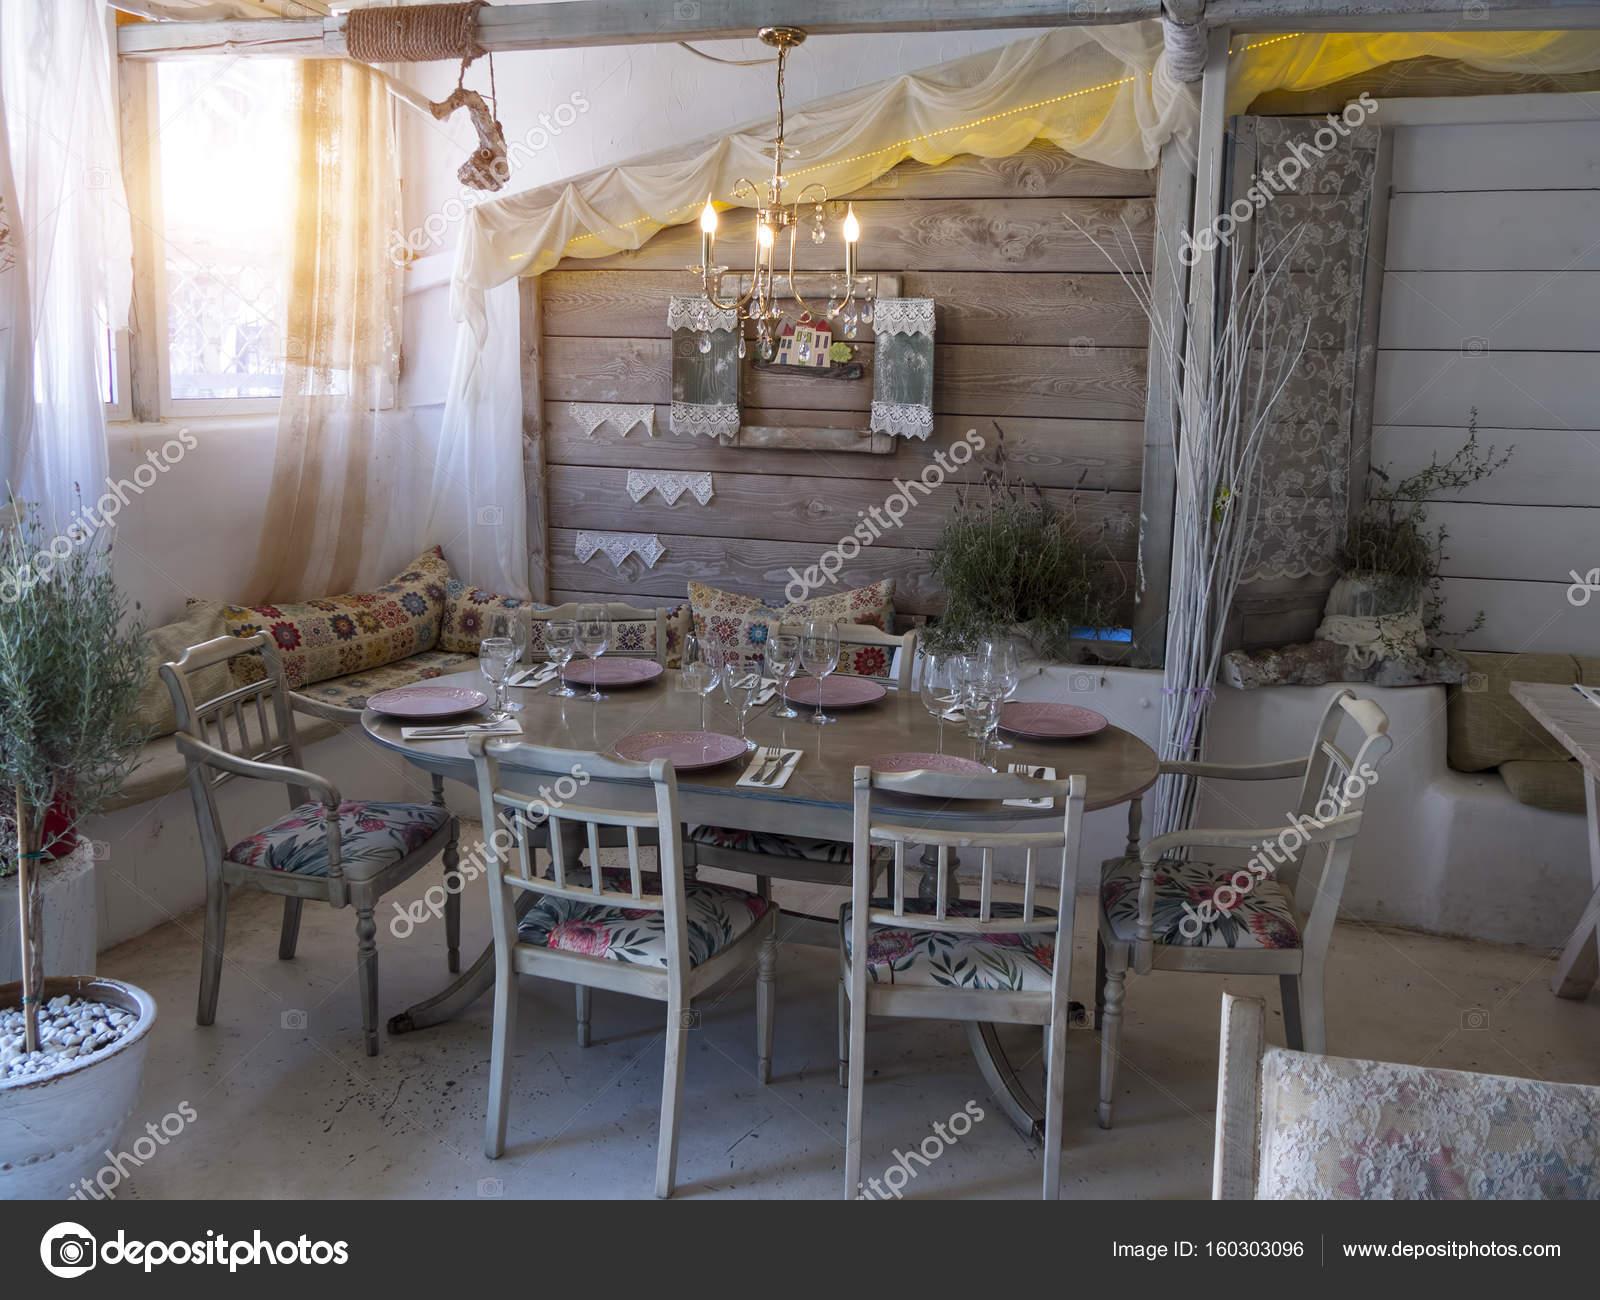 Een kleine eetkamer in een rustiek huis u2014 stockfoto © krivosheevv